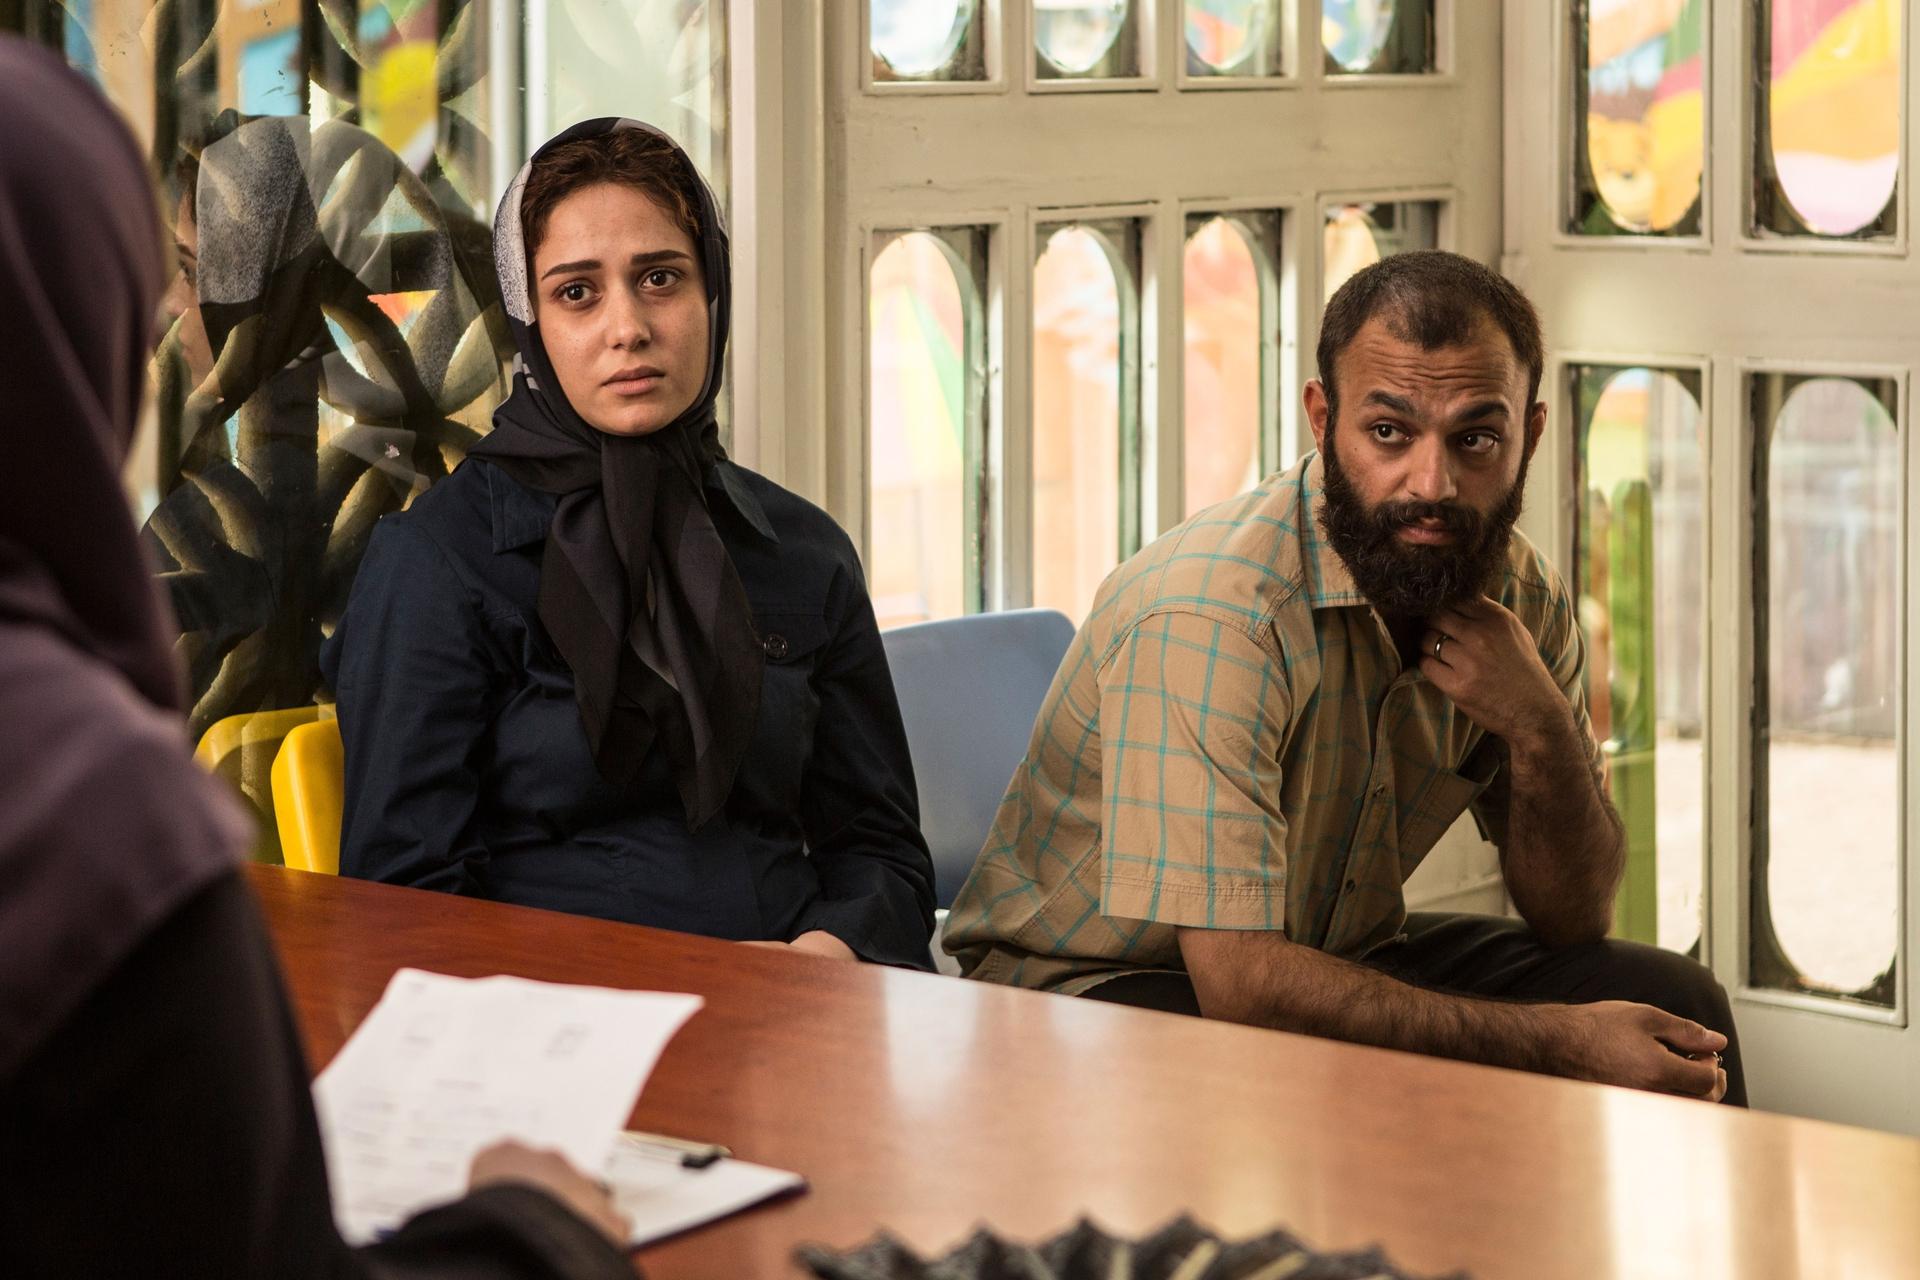 پریناز ایزدیار و صابر ابر در فیلم تابستان داغ